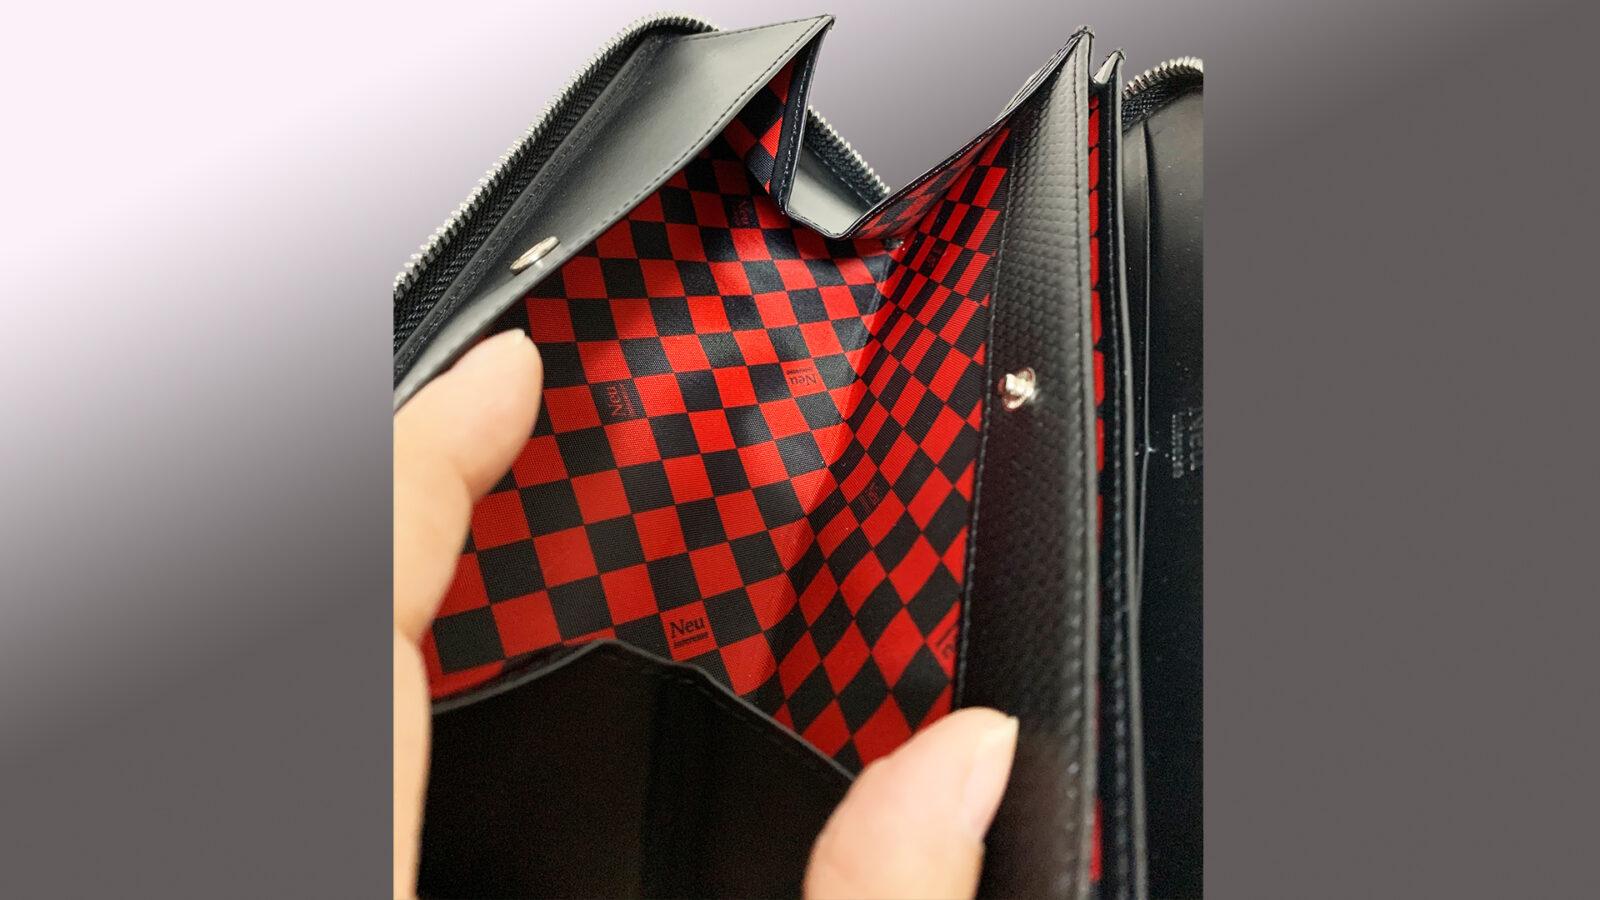 ノイインテレッセ財布のコインケース部分画像